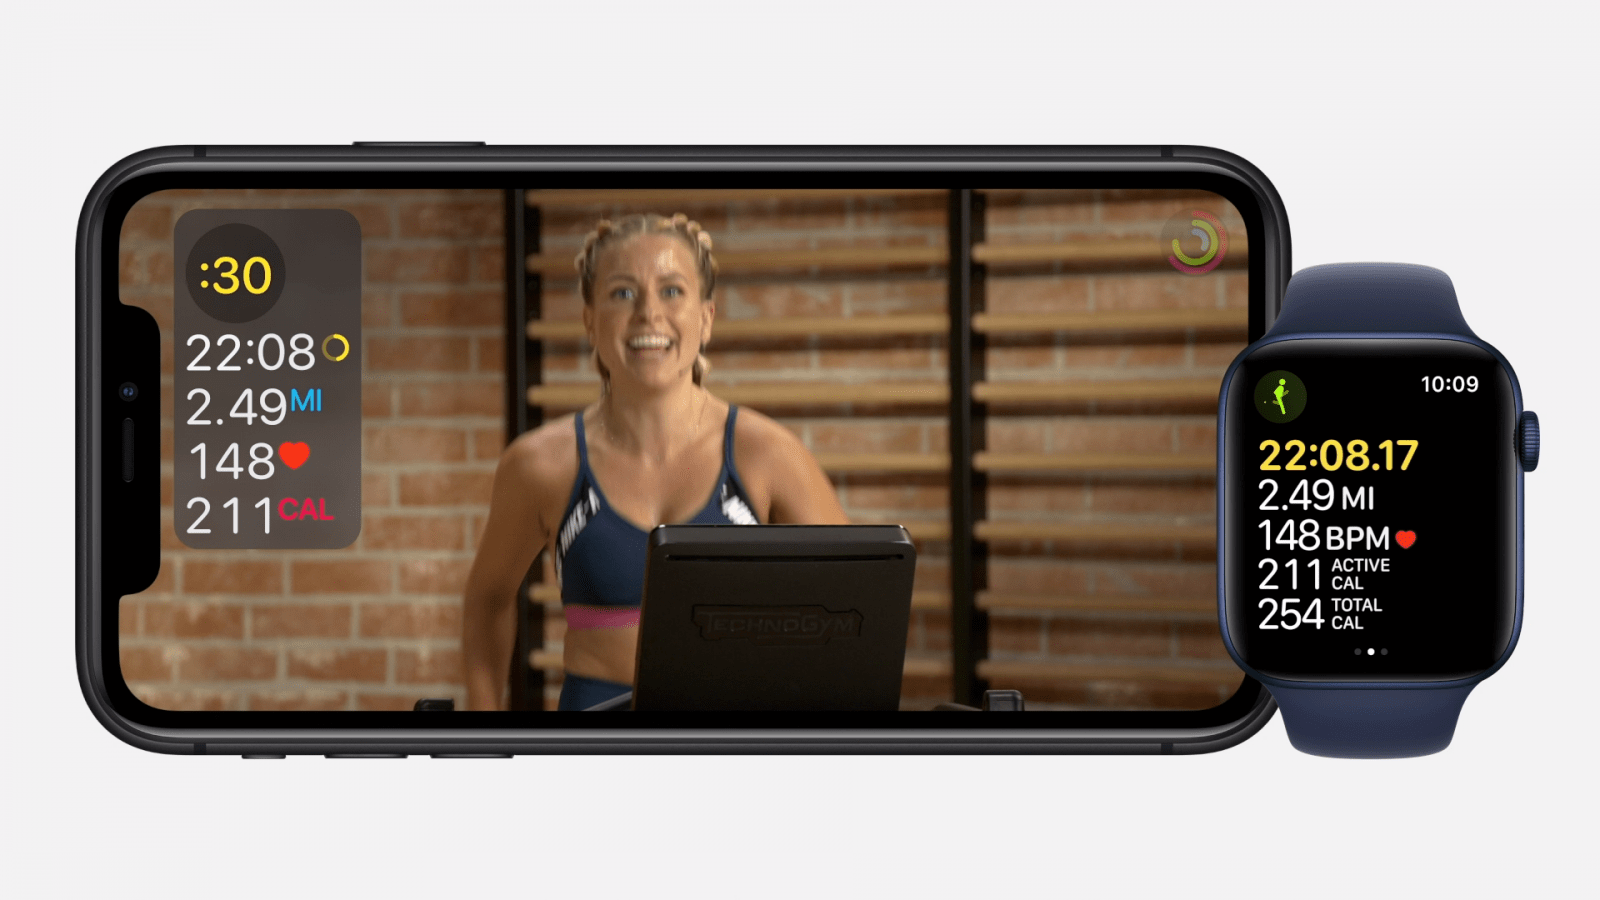 Всё, что показали на презентации Apple: Watch, iPad Air, Fitness + и многое другое (snimok jekrana 39)